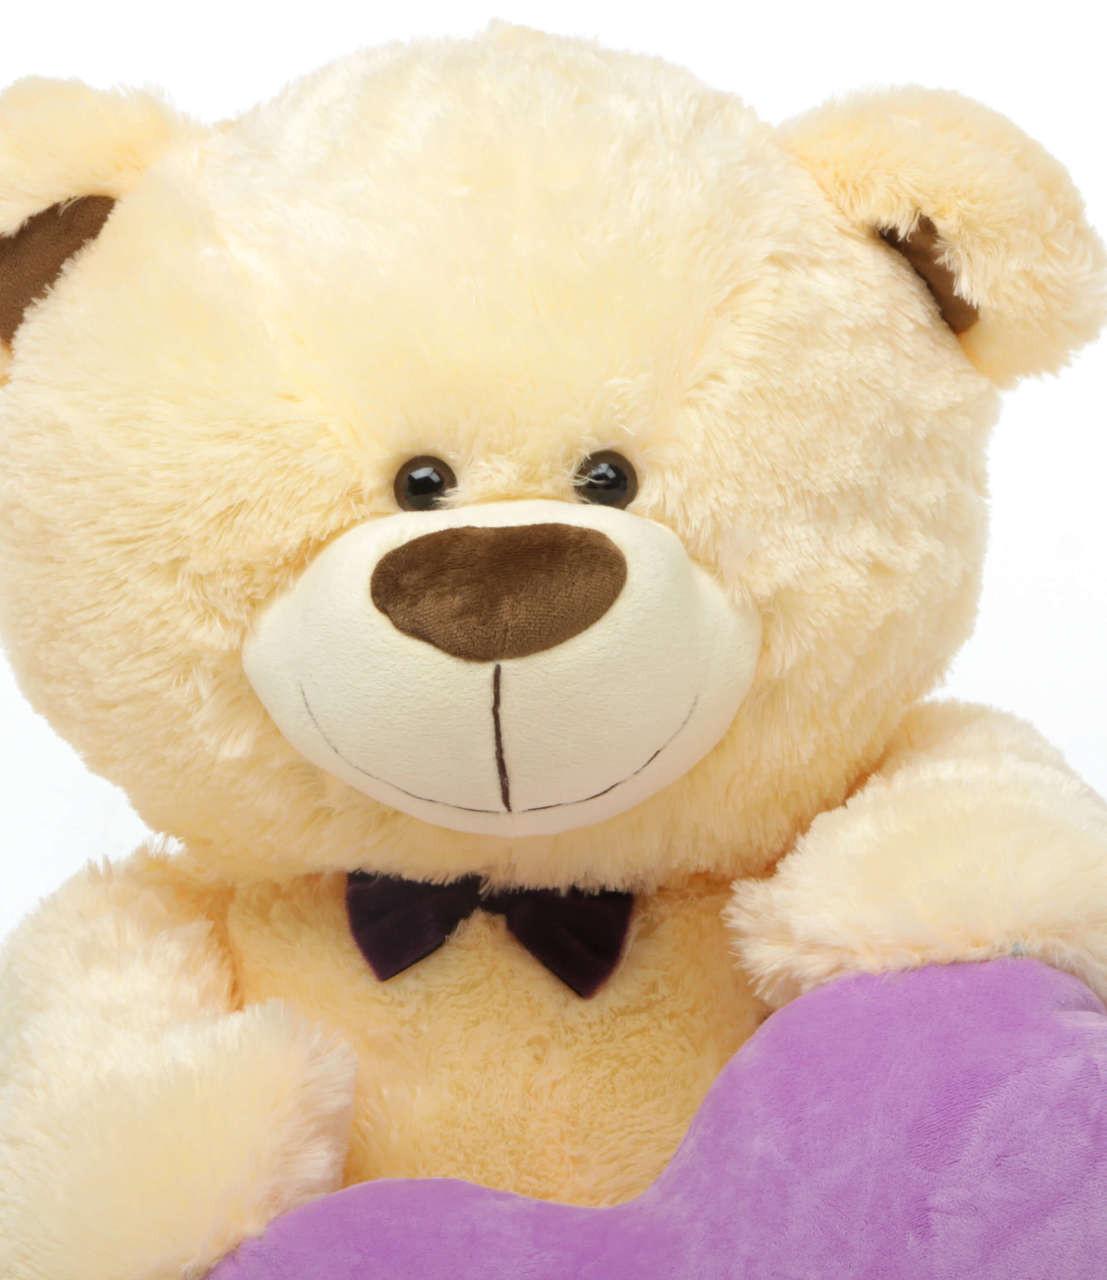 35in BooBoo L Shags Vanilla Teddy Bear with I Love You Heart